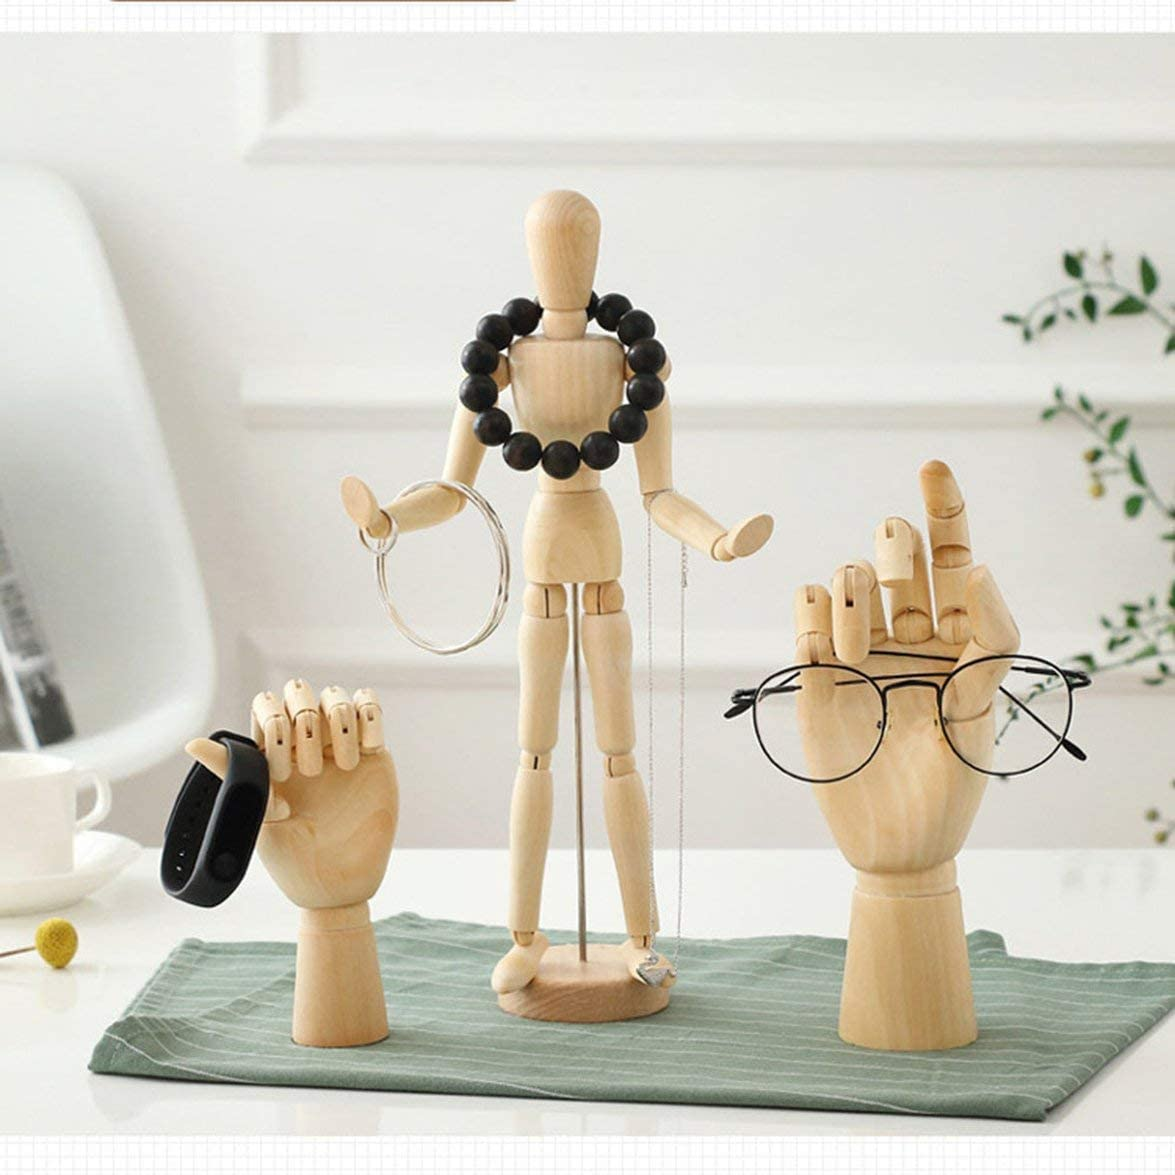 Sylvialuca Skizze Schaufensterpuppe Hand aus Holz menschliche Kunst Zeichnung Flexible Gelenke Schaufensterpuppe Puppen Figuren Puppenmodell